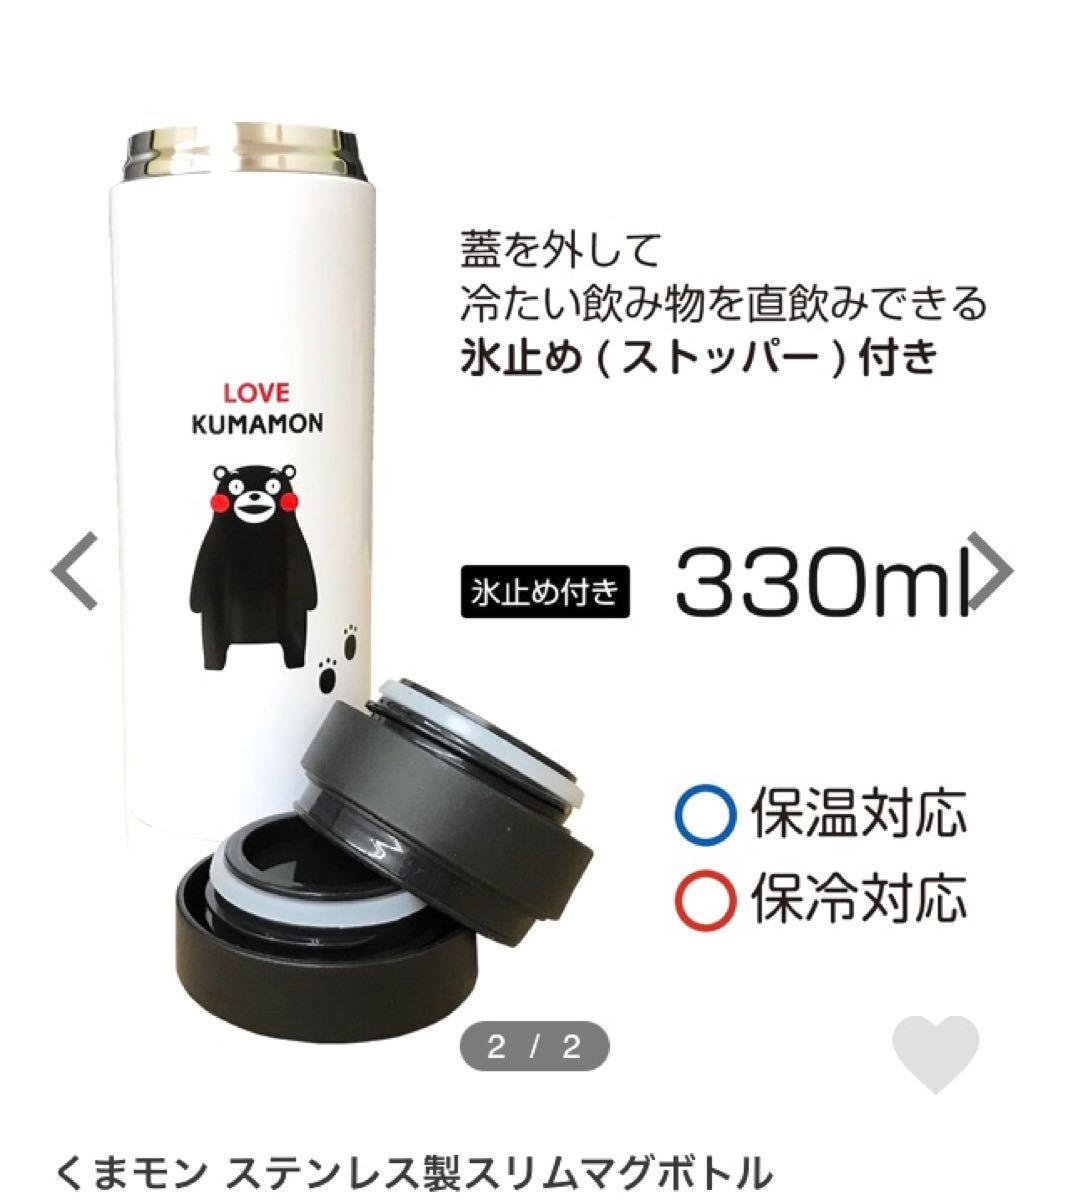 ステンレスボトル 350ml  と スリムマグボトル 330ml くまモン